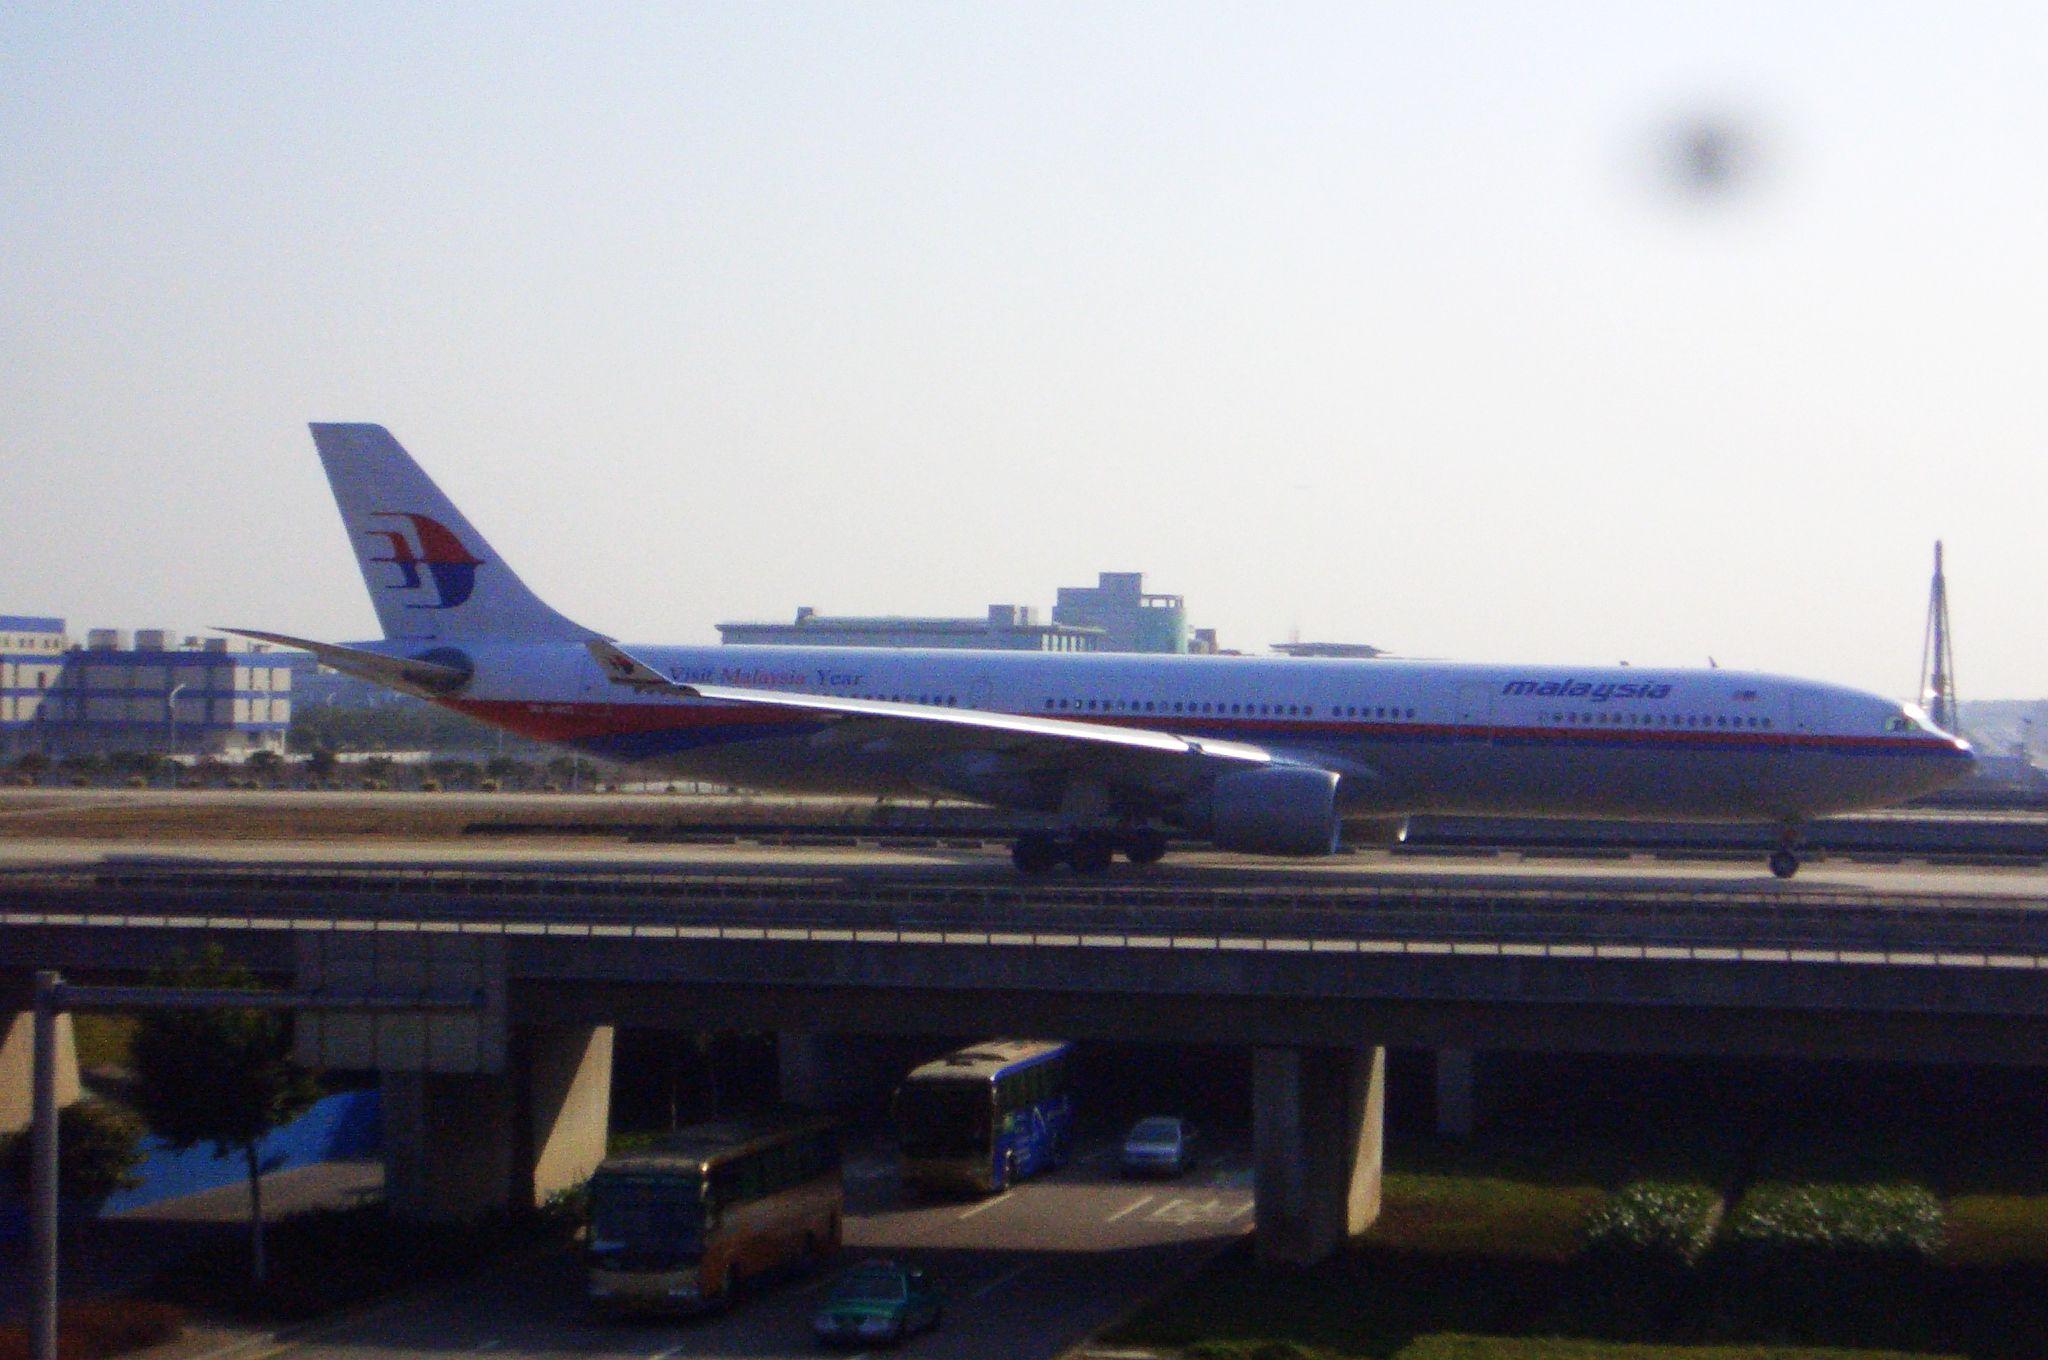 Re:[原创]恢复信心后的第一次发帖,09年第一次活动 AIRBUS A330-300  中国广州白云机场